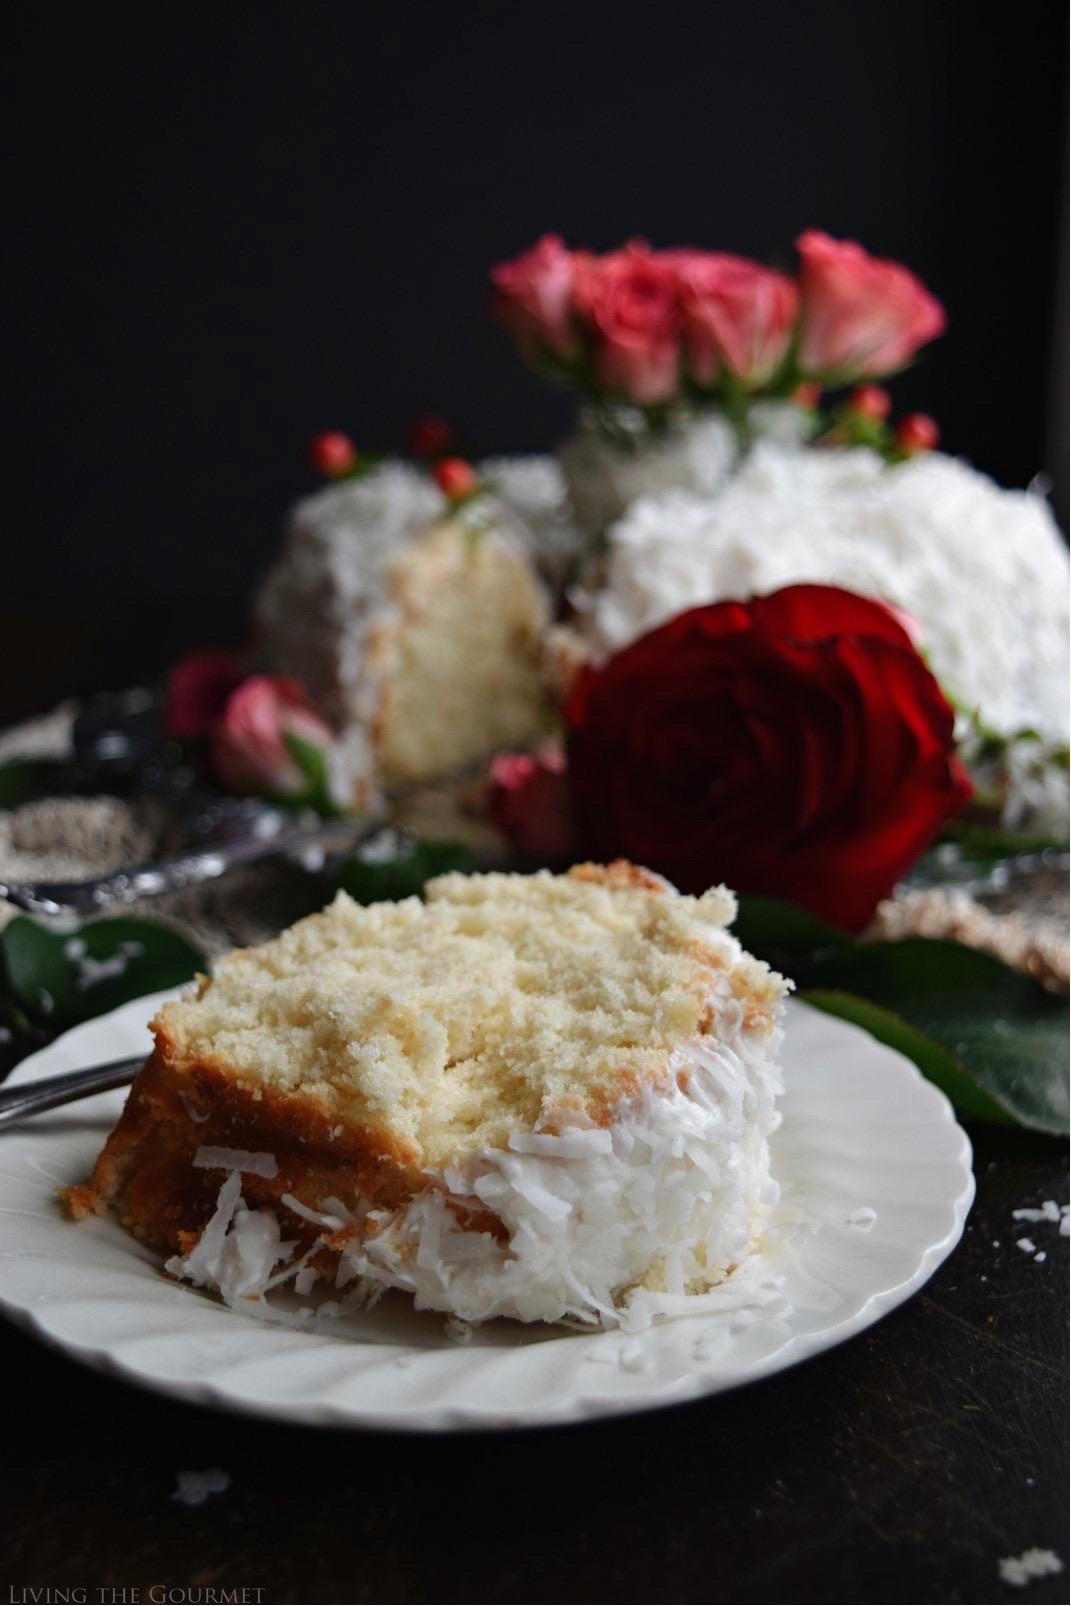 Living the Gourmet: Christmas Rose Bundt Cake | #BundtBakers